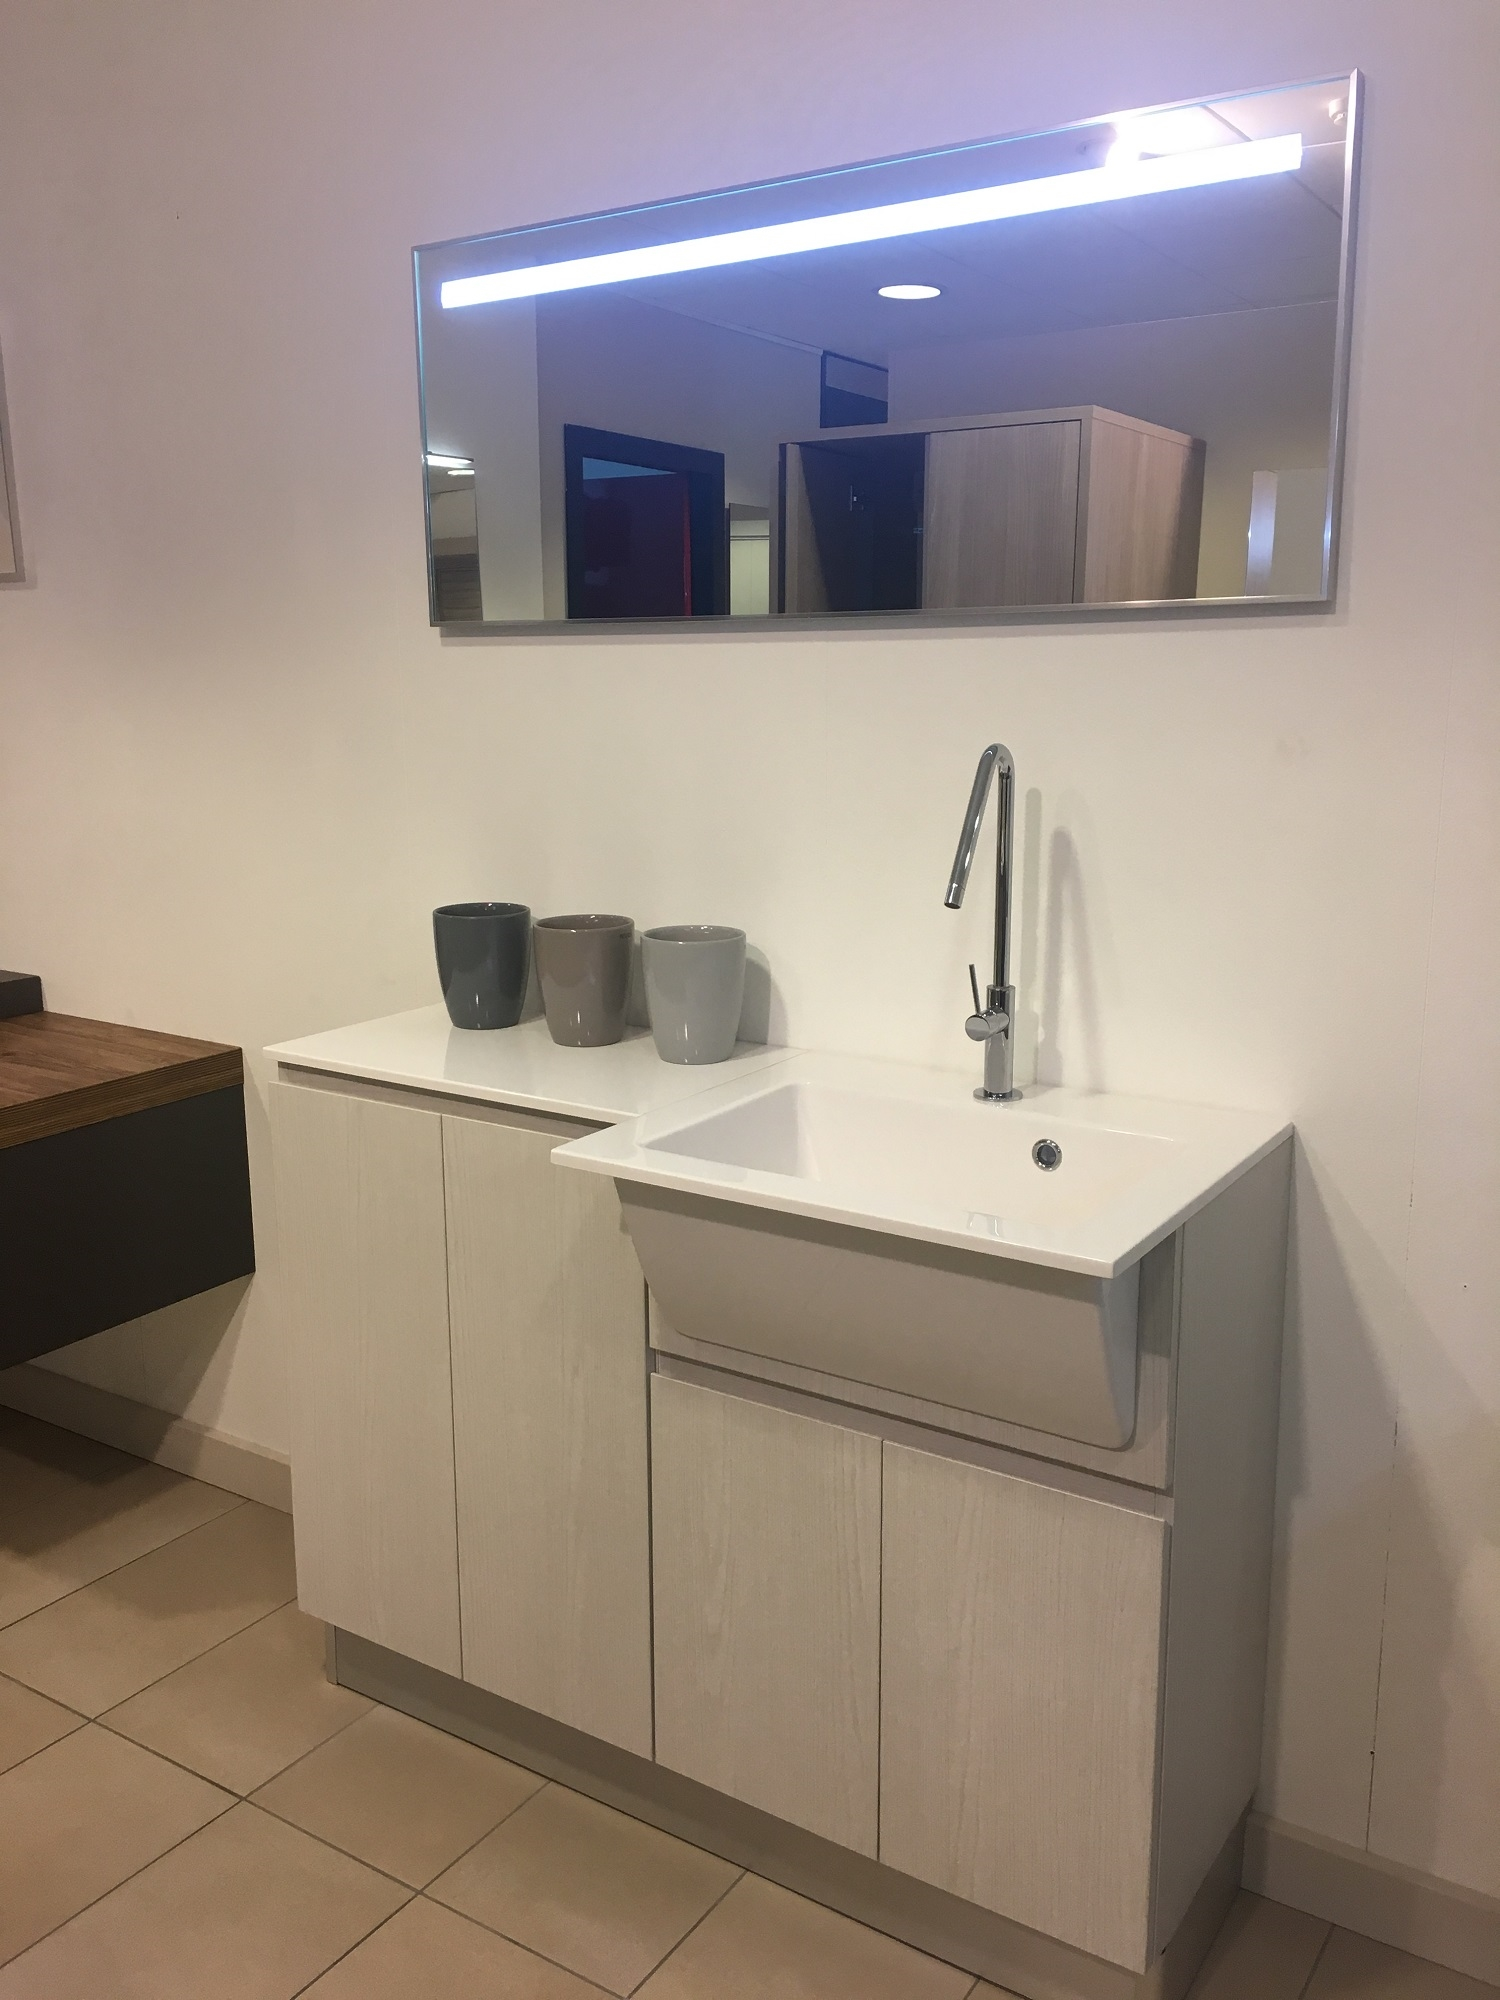 Arredo bagno lavanderia idrobox di birex scontato del 40 - Bagno di servizio con lavanderia ...